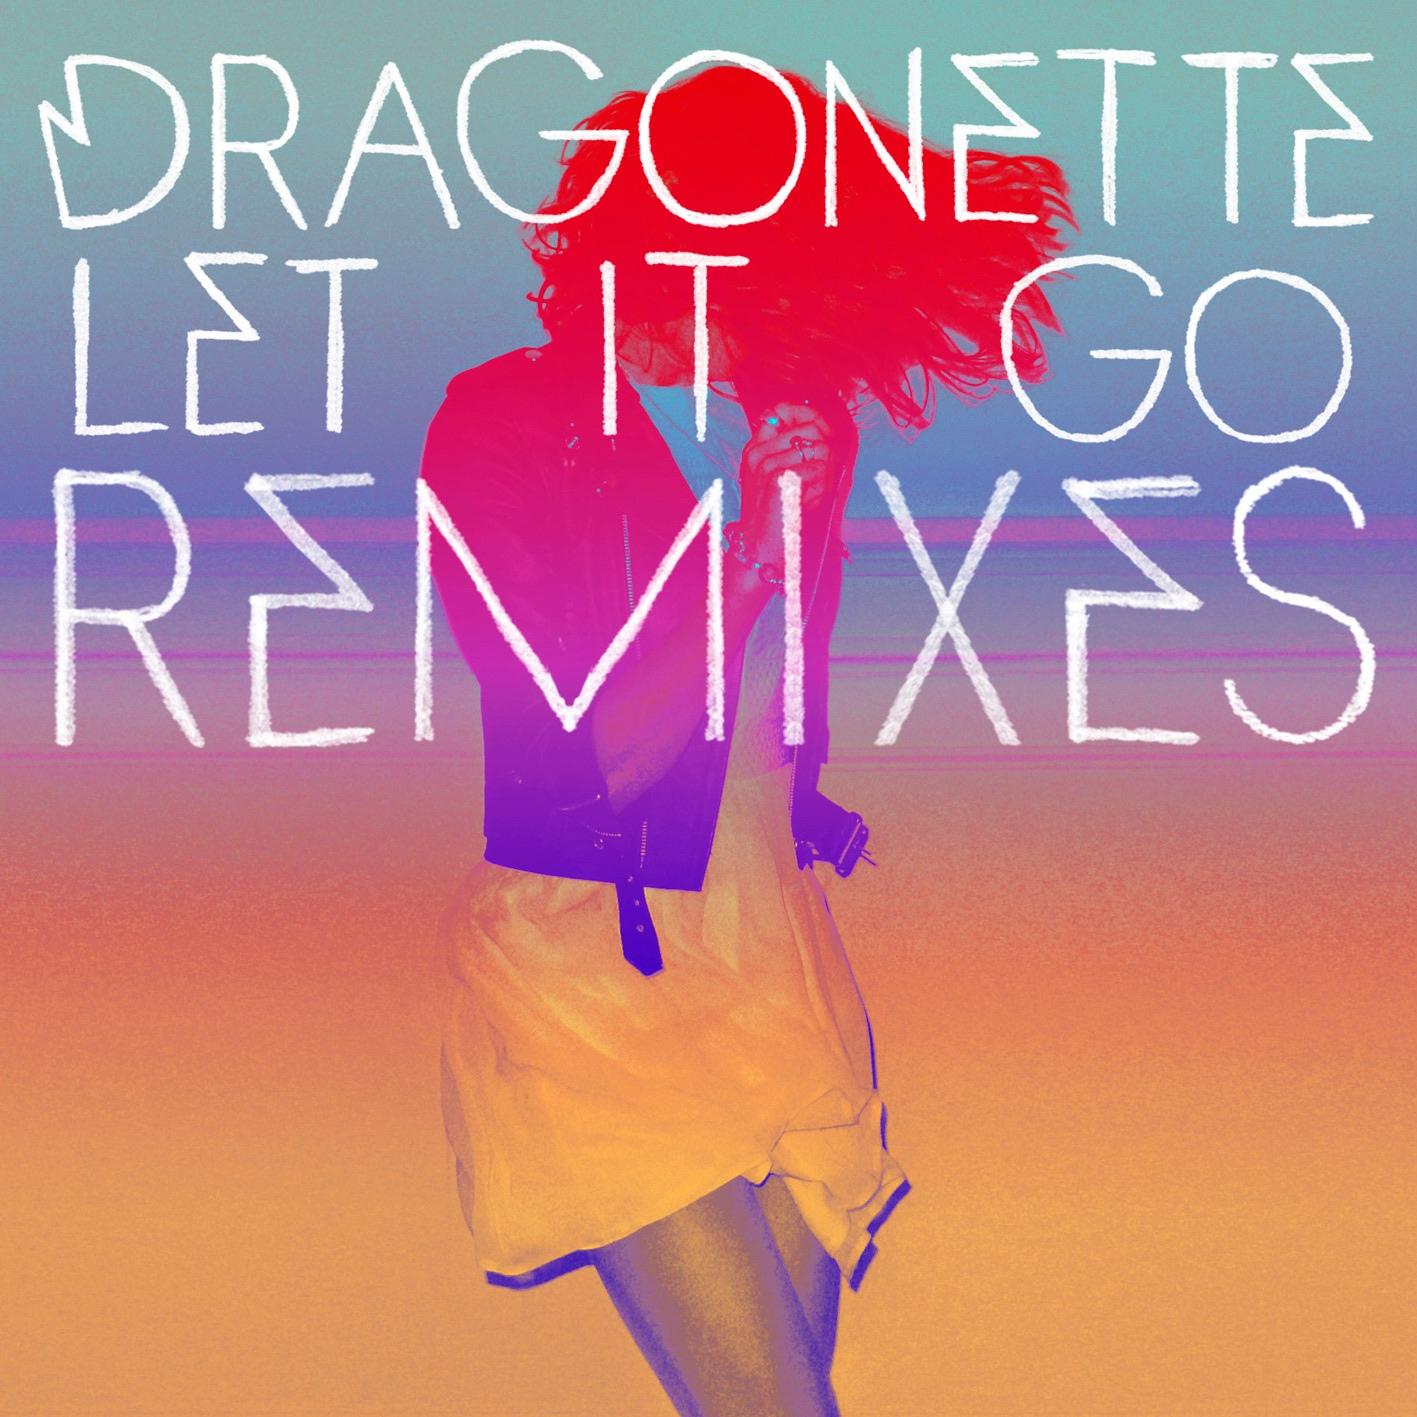 Dragonette album Let It Go (Remixes)